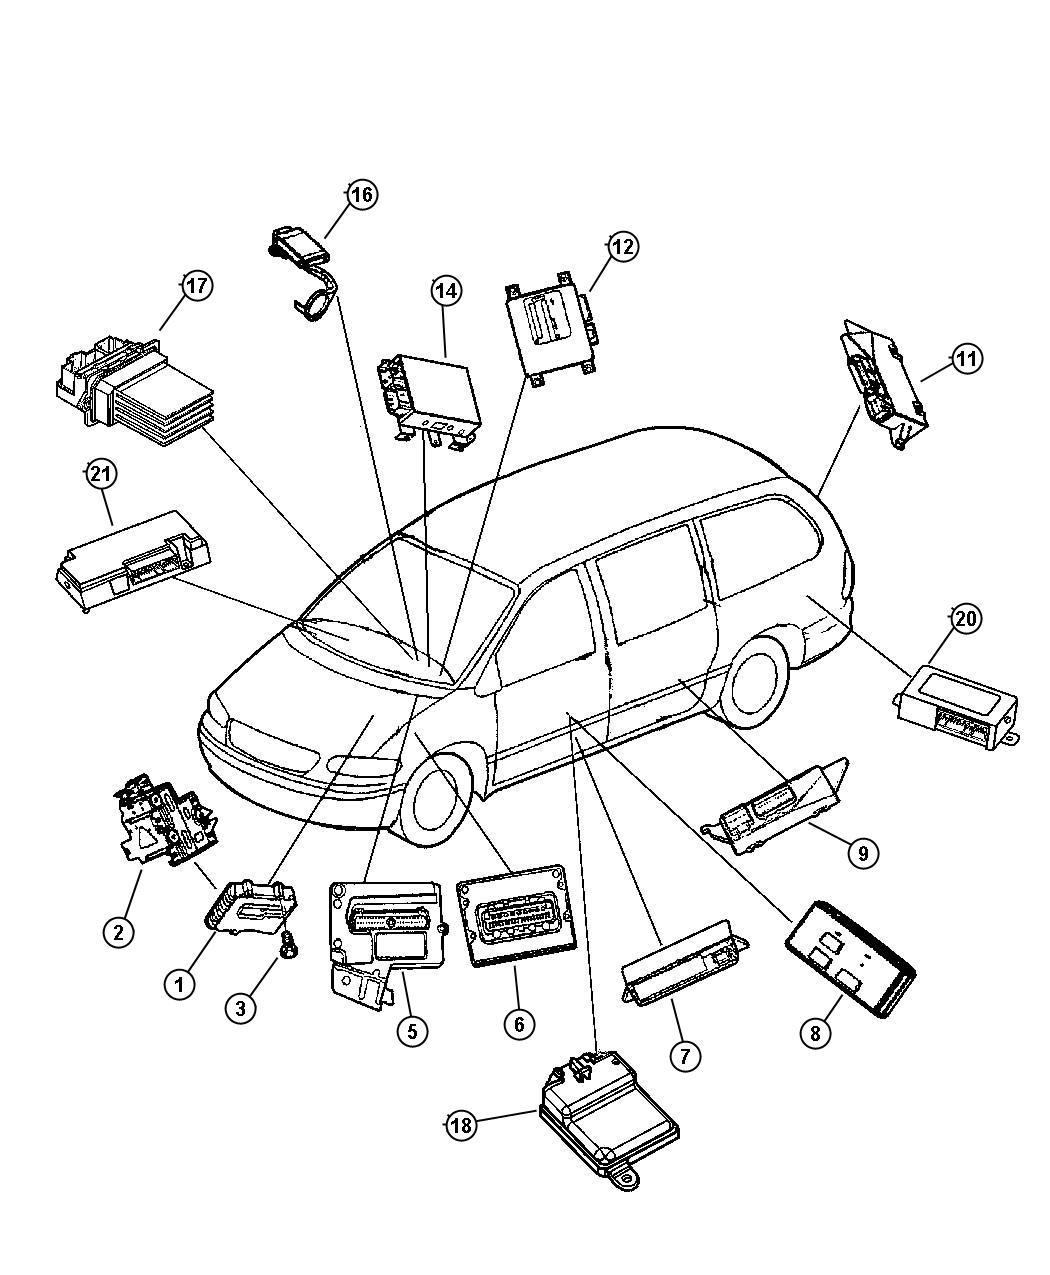 04 grand caravan wiring diagram